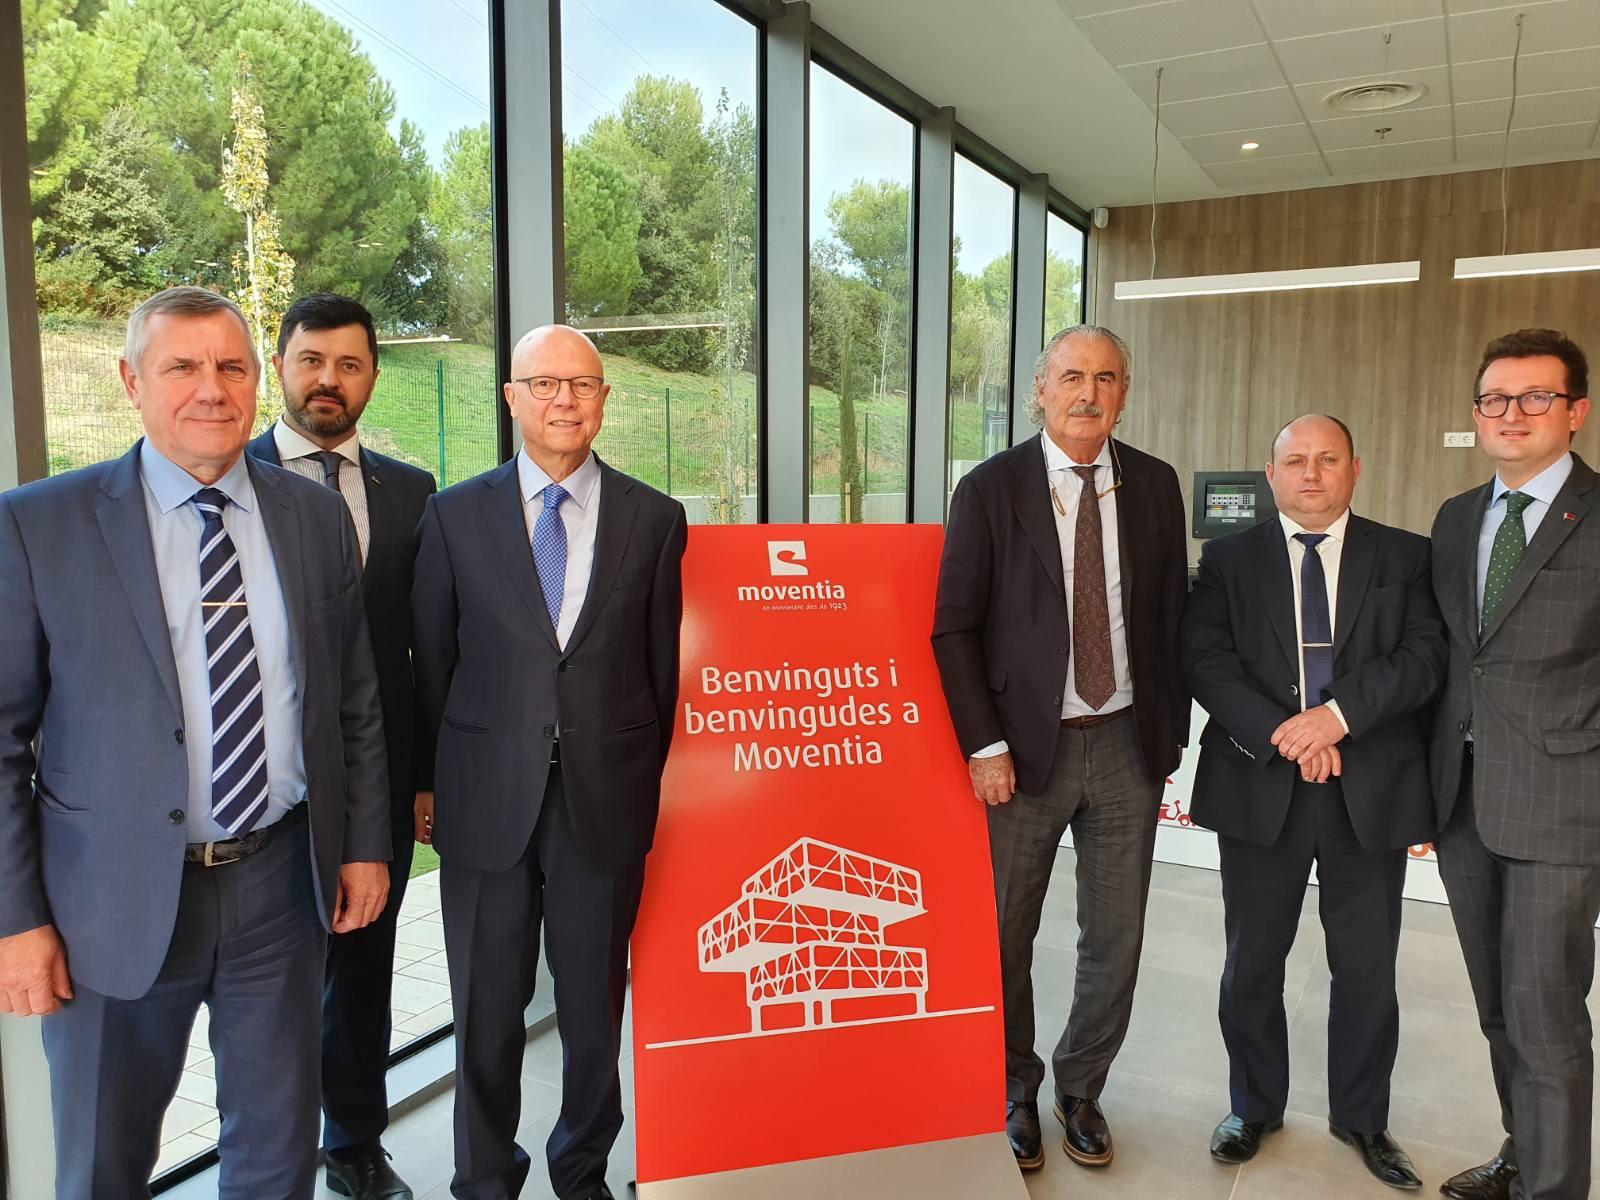 BKM Holding in Spain